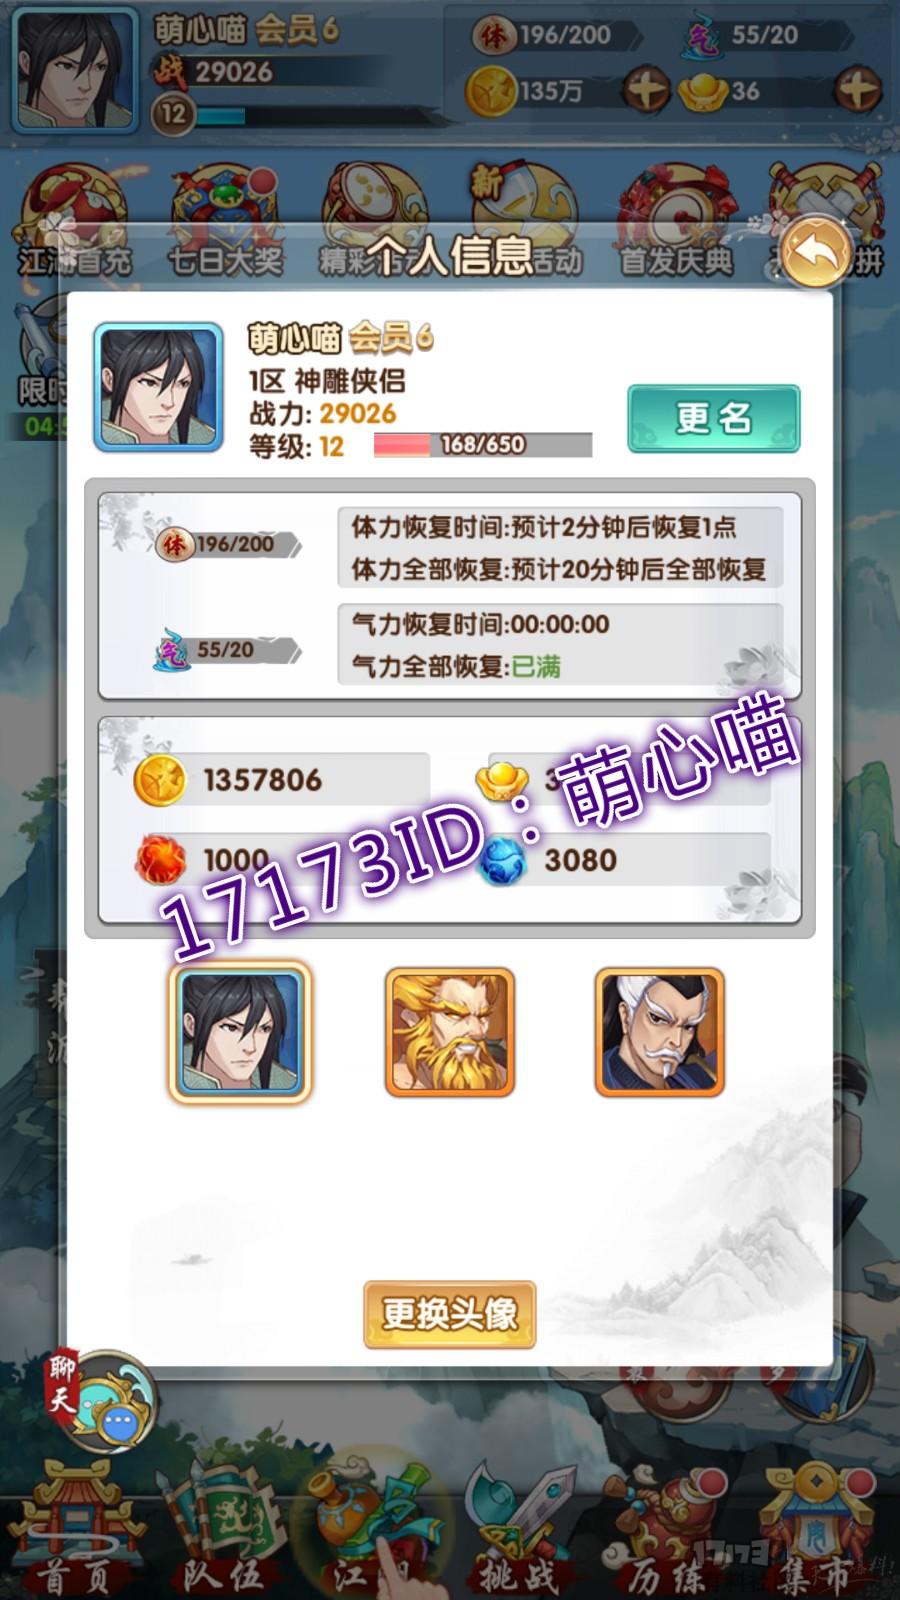 杨过与小龙女_17173.jpg